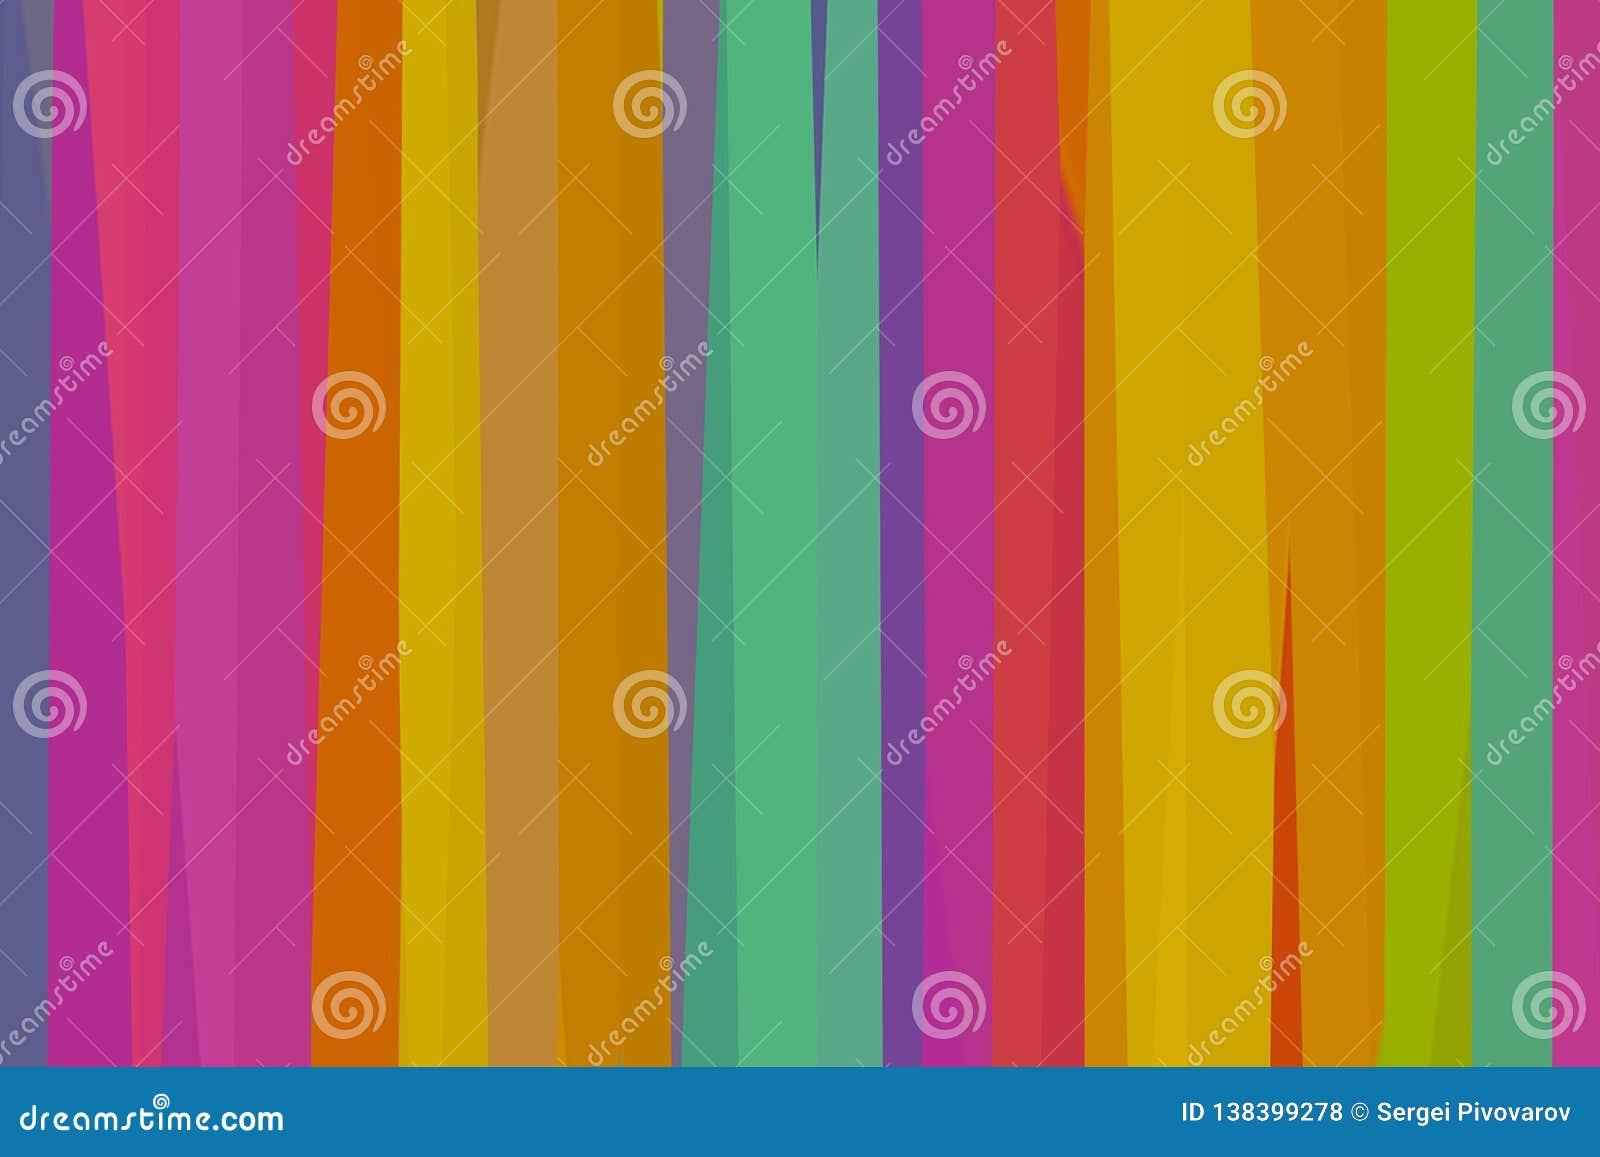 O painel lilás carmesim pastel colorido do fundo listra a arte da base amarela dos azuis celestes e a faculdade criadora colorida